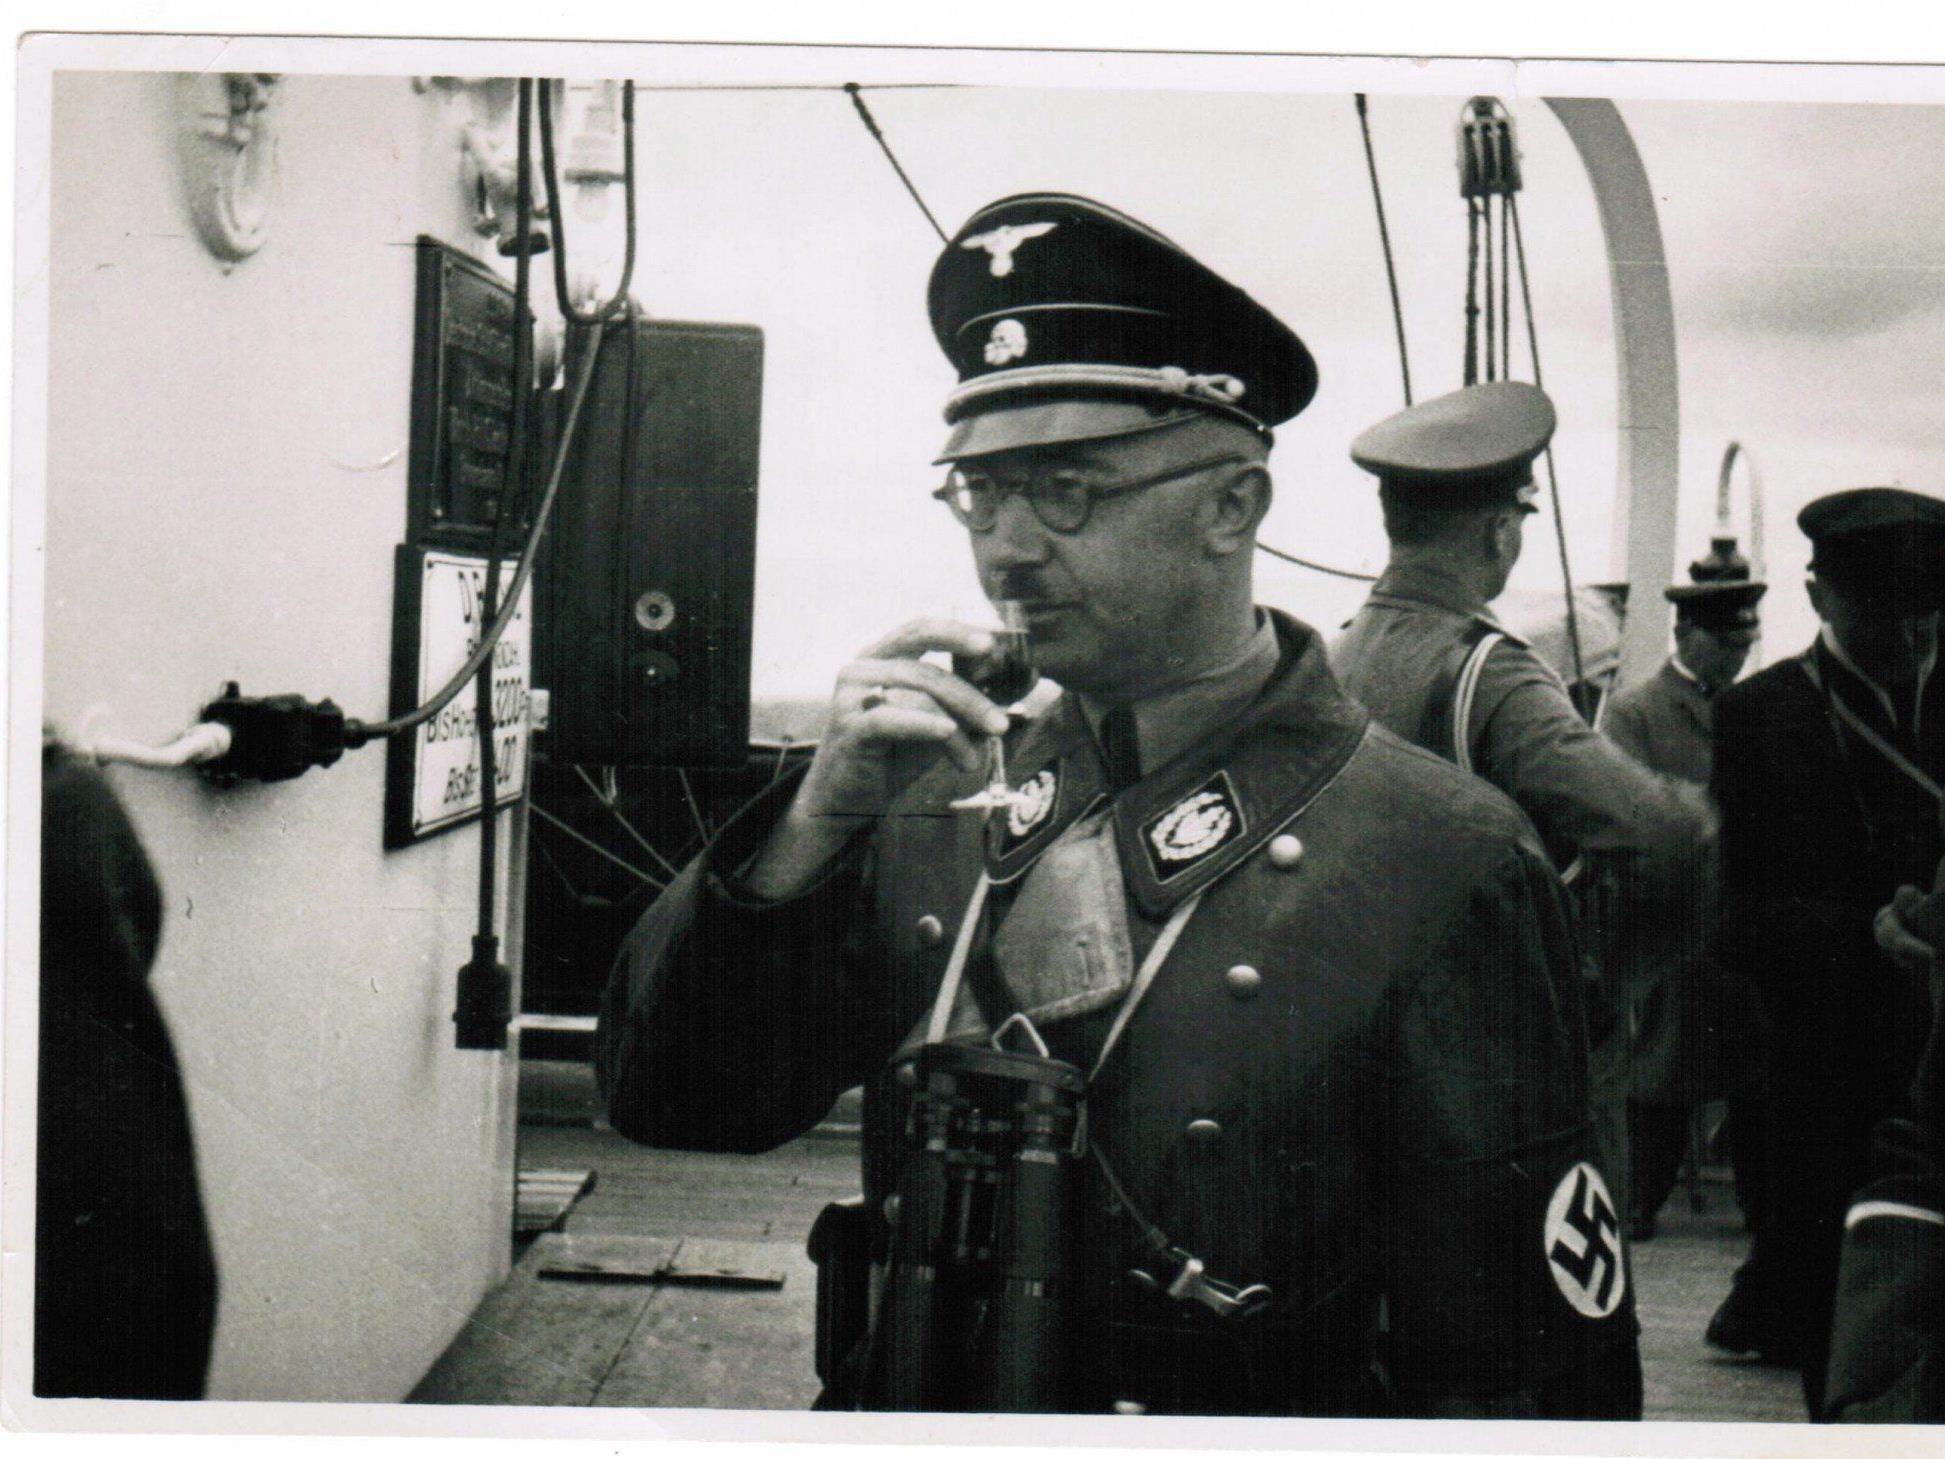 Himmlers Briefe stammen dem Bericht zufolge aus der Zeit von 1927 bis 1945.